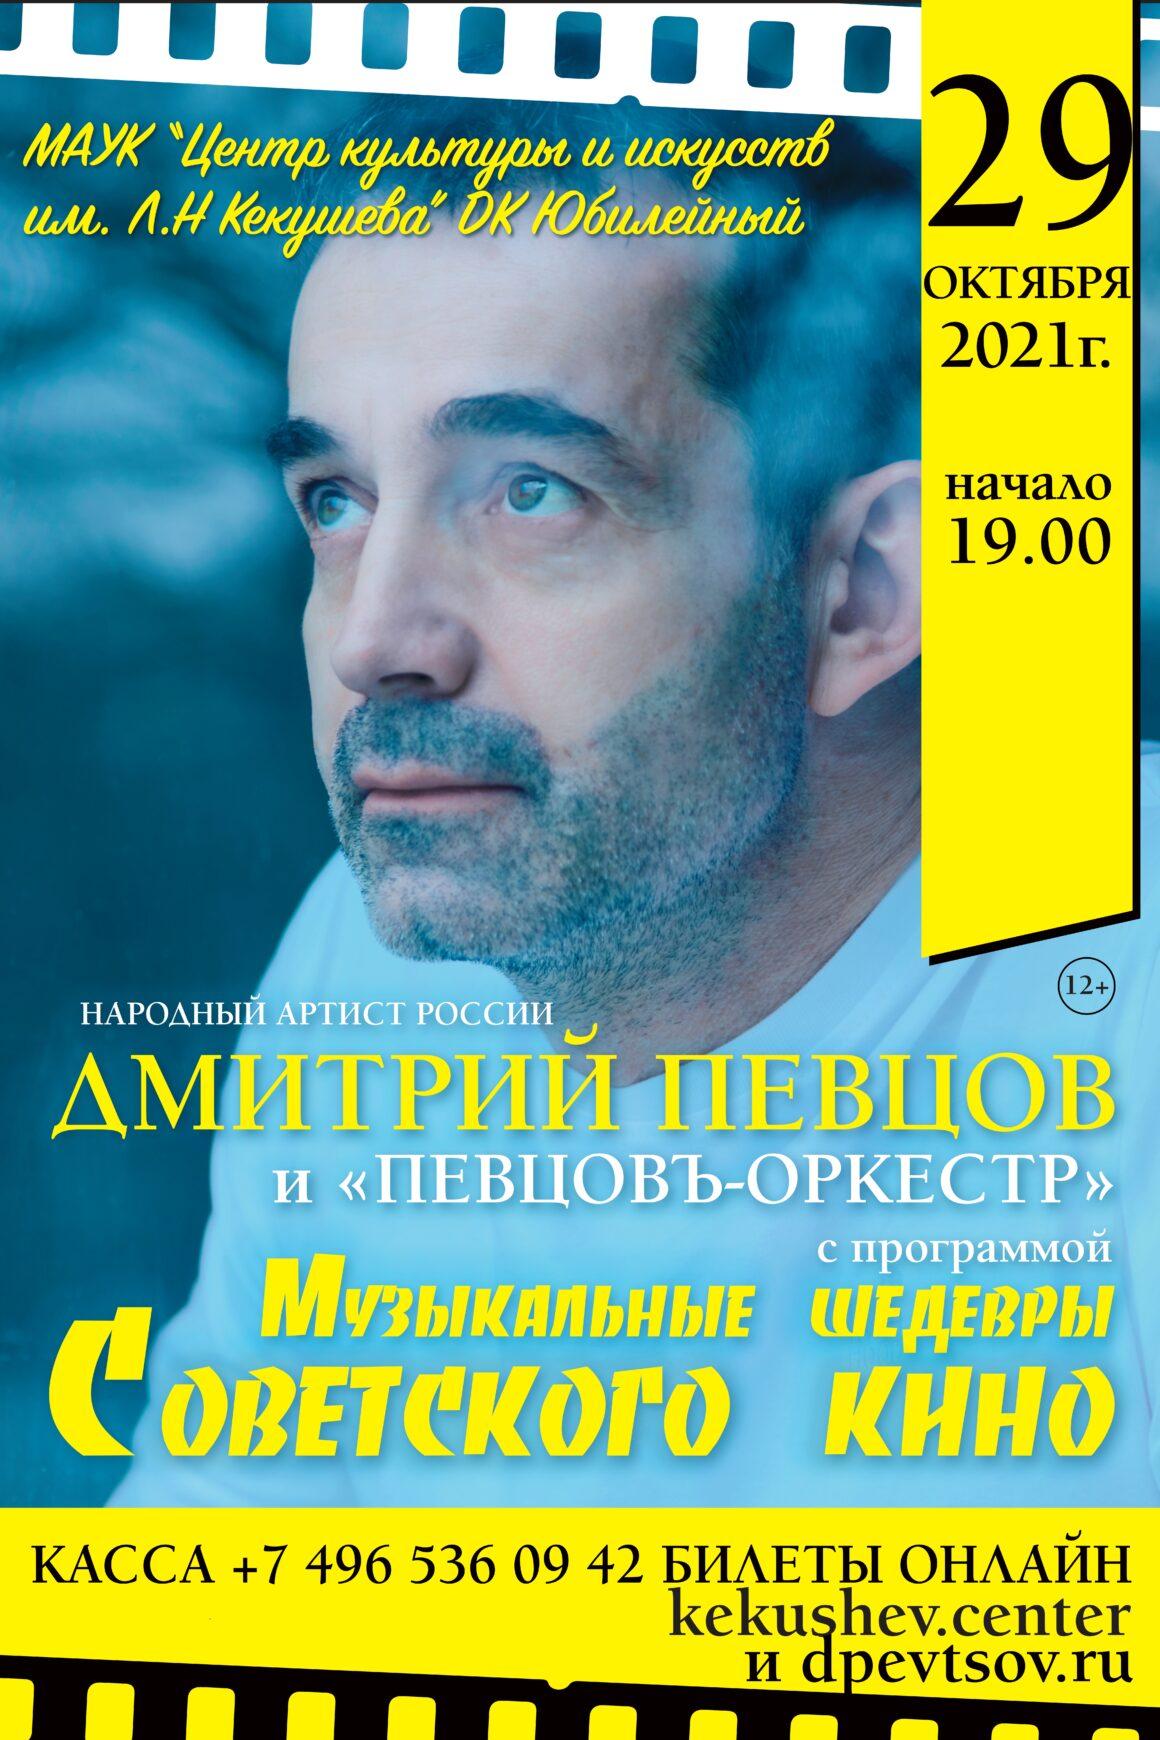 Дмитрий Певцов и «ПЕВЦОВЪ-ОРКЕСТР»- «Музыкальные шедевры советского кино».